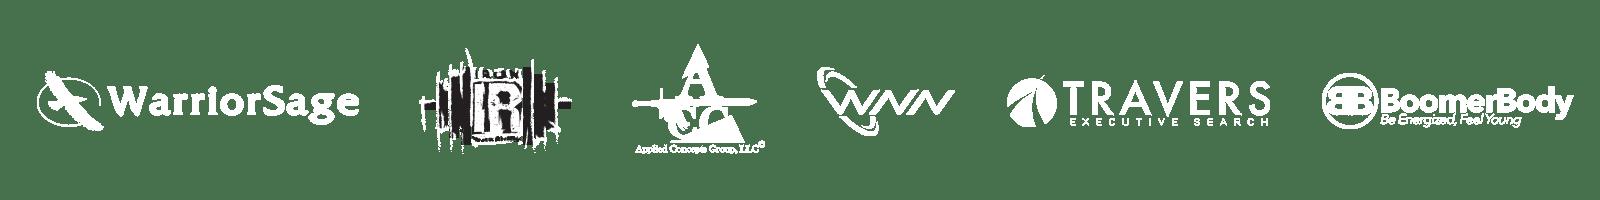 tim-cred-logos